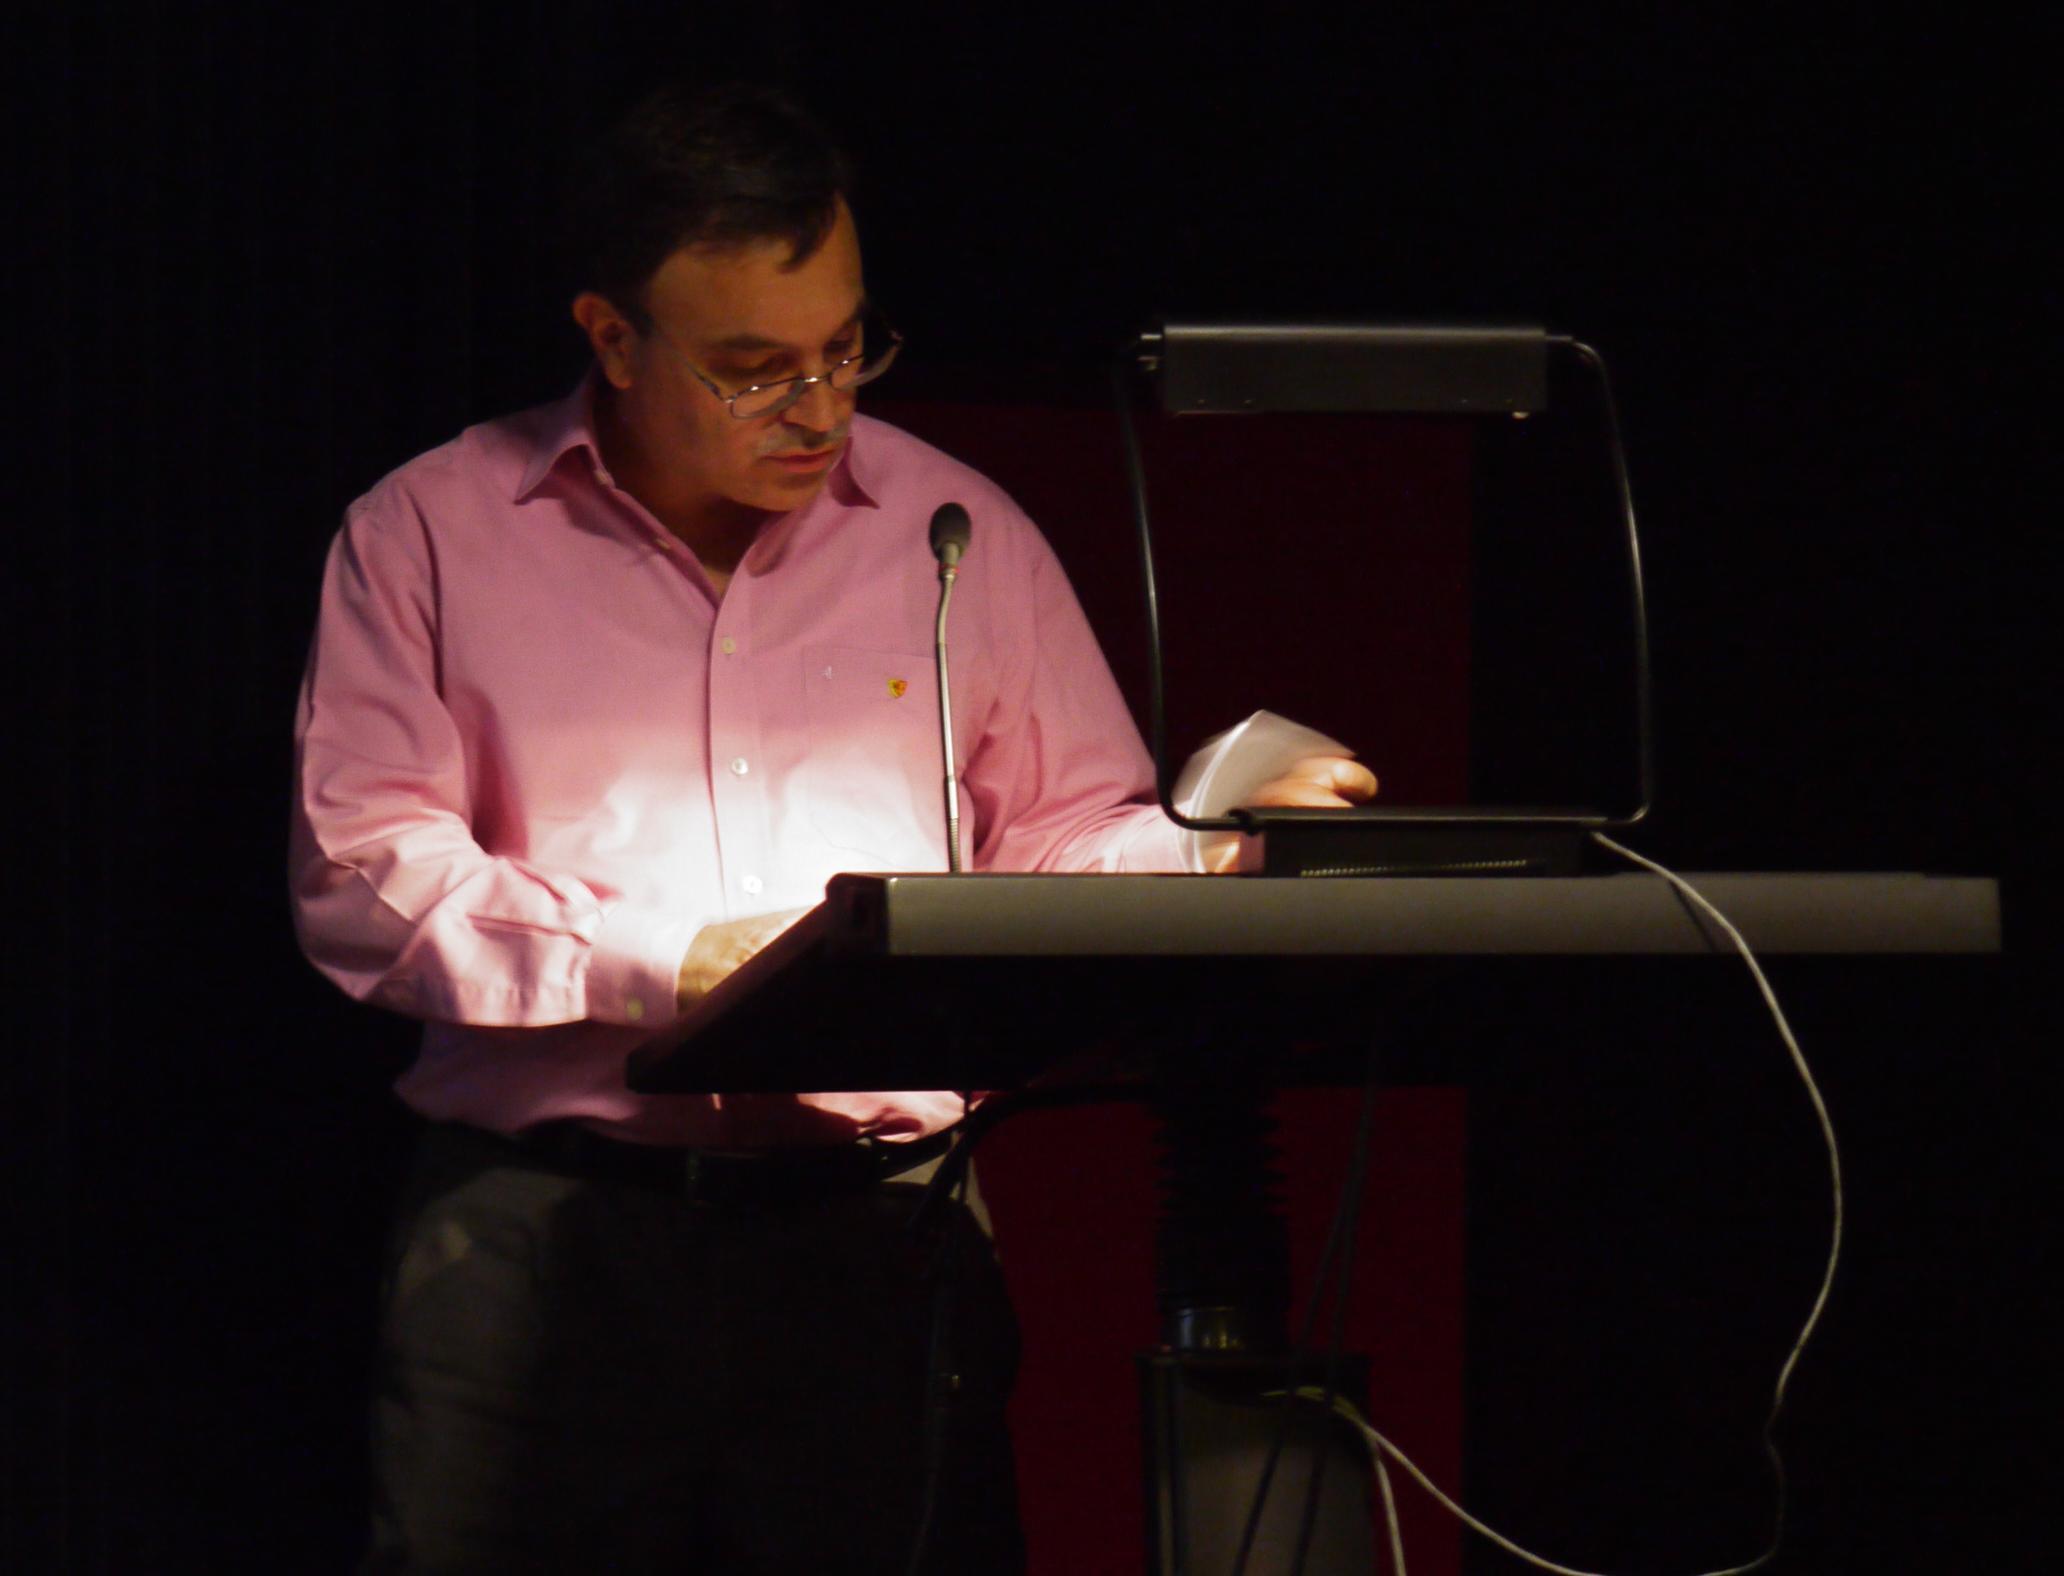 BARRAS Jean-Pierre